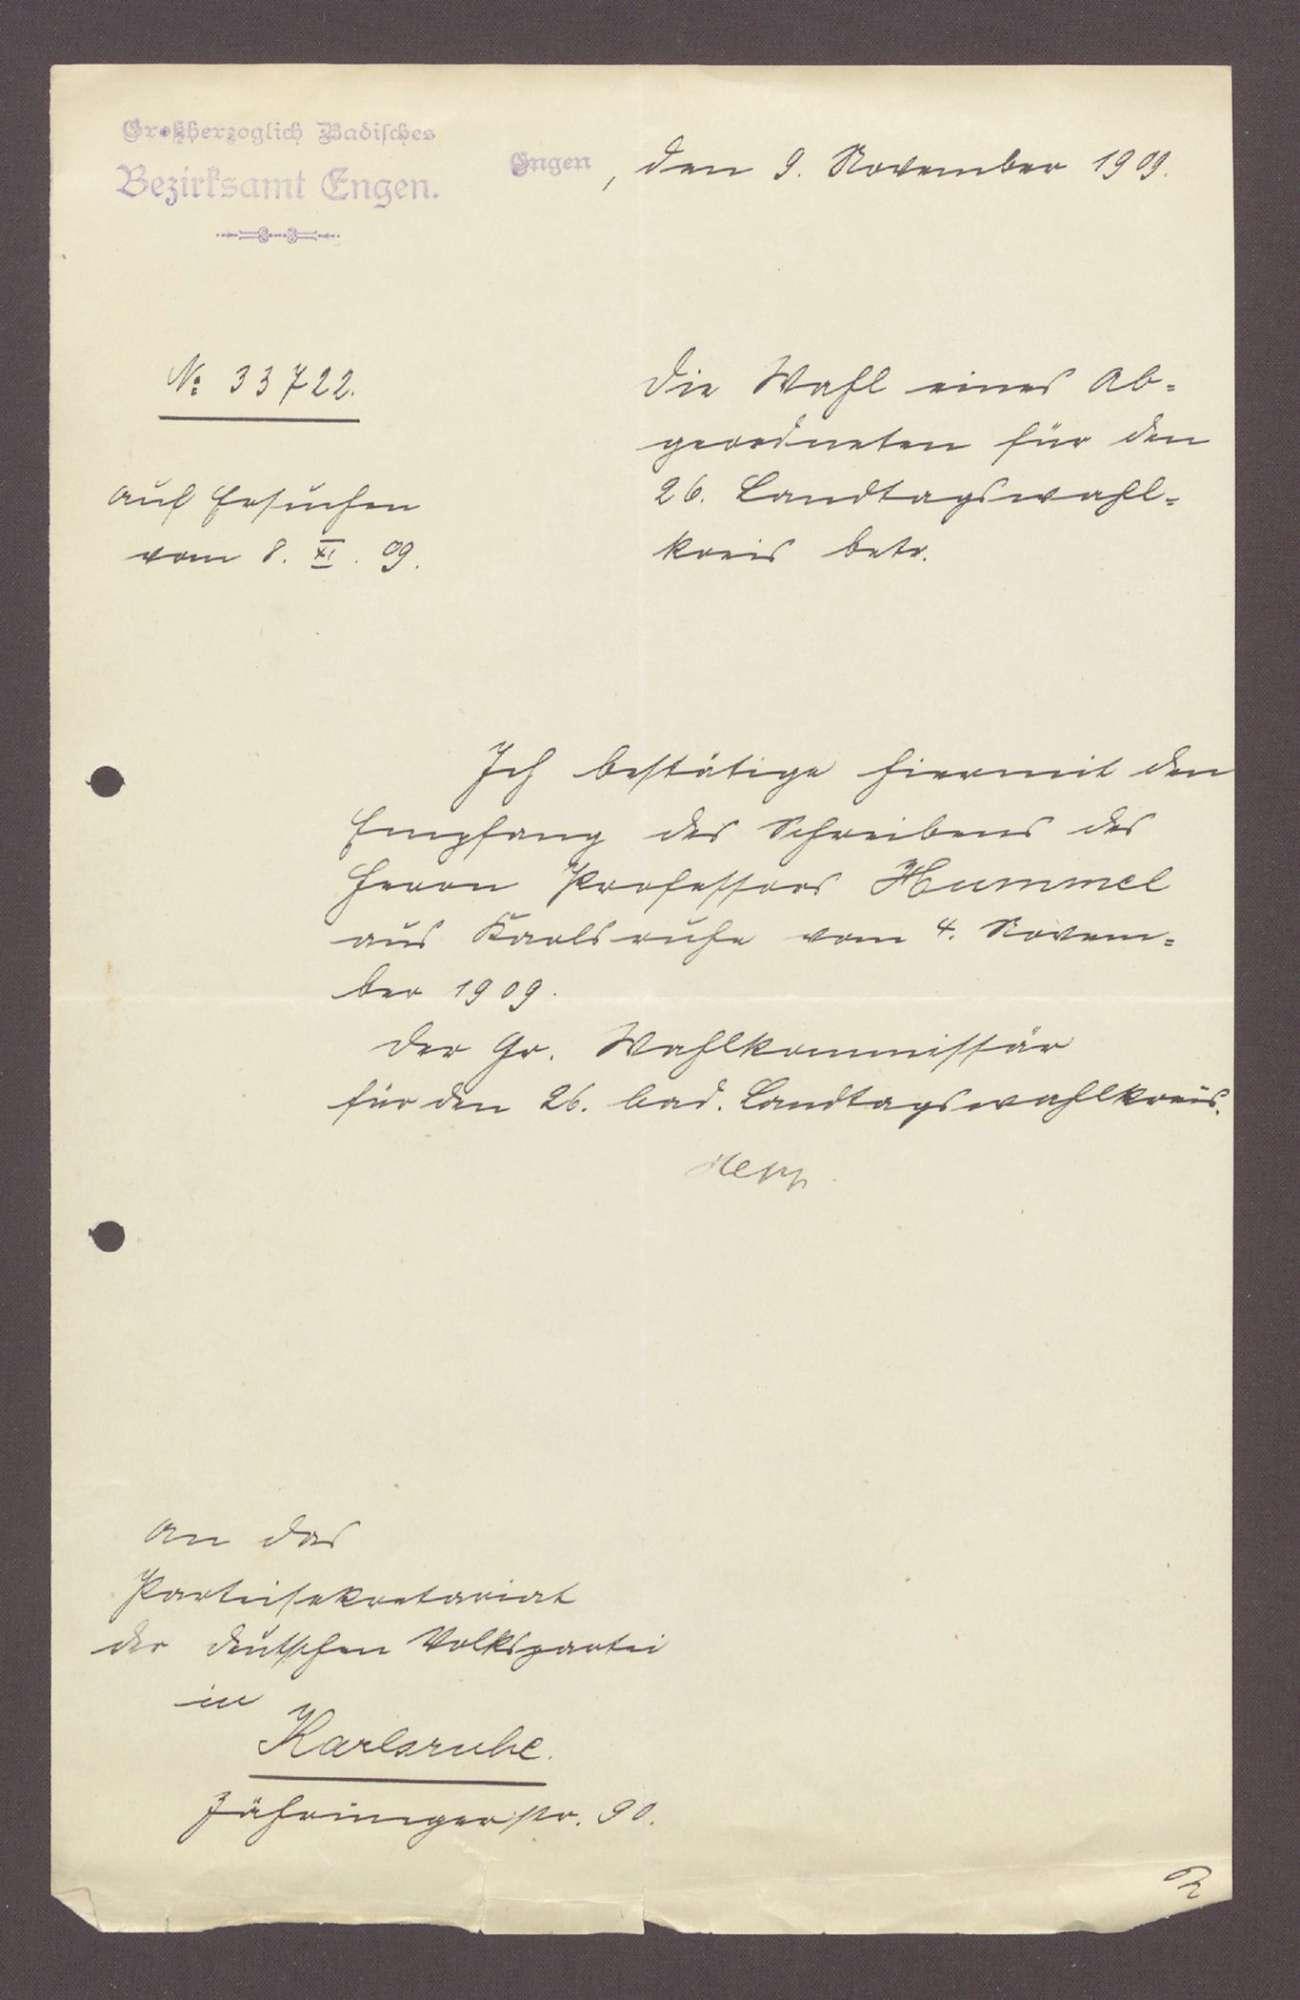 Schreiben vom Bezirksamt Engen an das Parteisekretariat der Deutschen Volkspartei: Eingangsbestätigung eines Schreiben von Hermann Hummel, 1 Schreiben, Bild 1